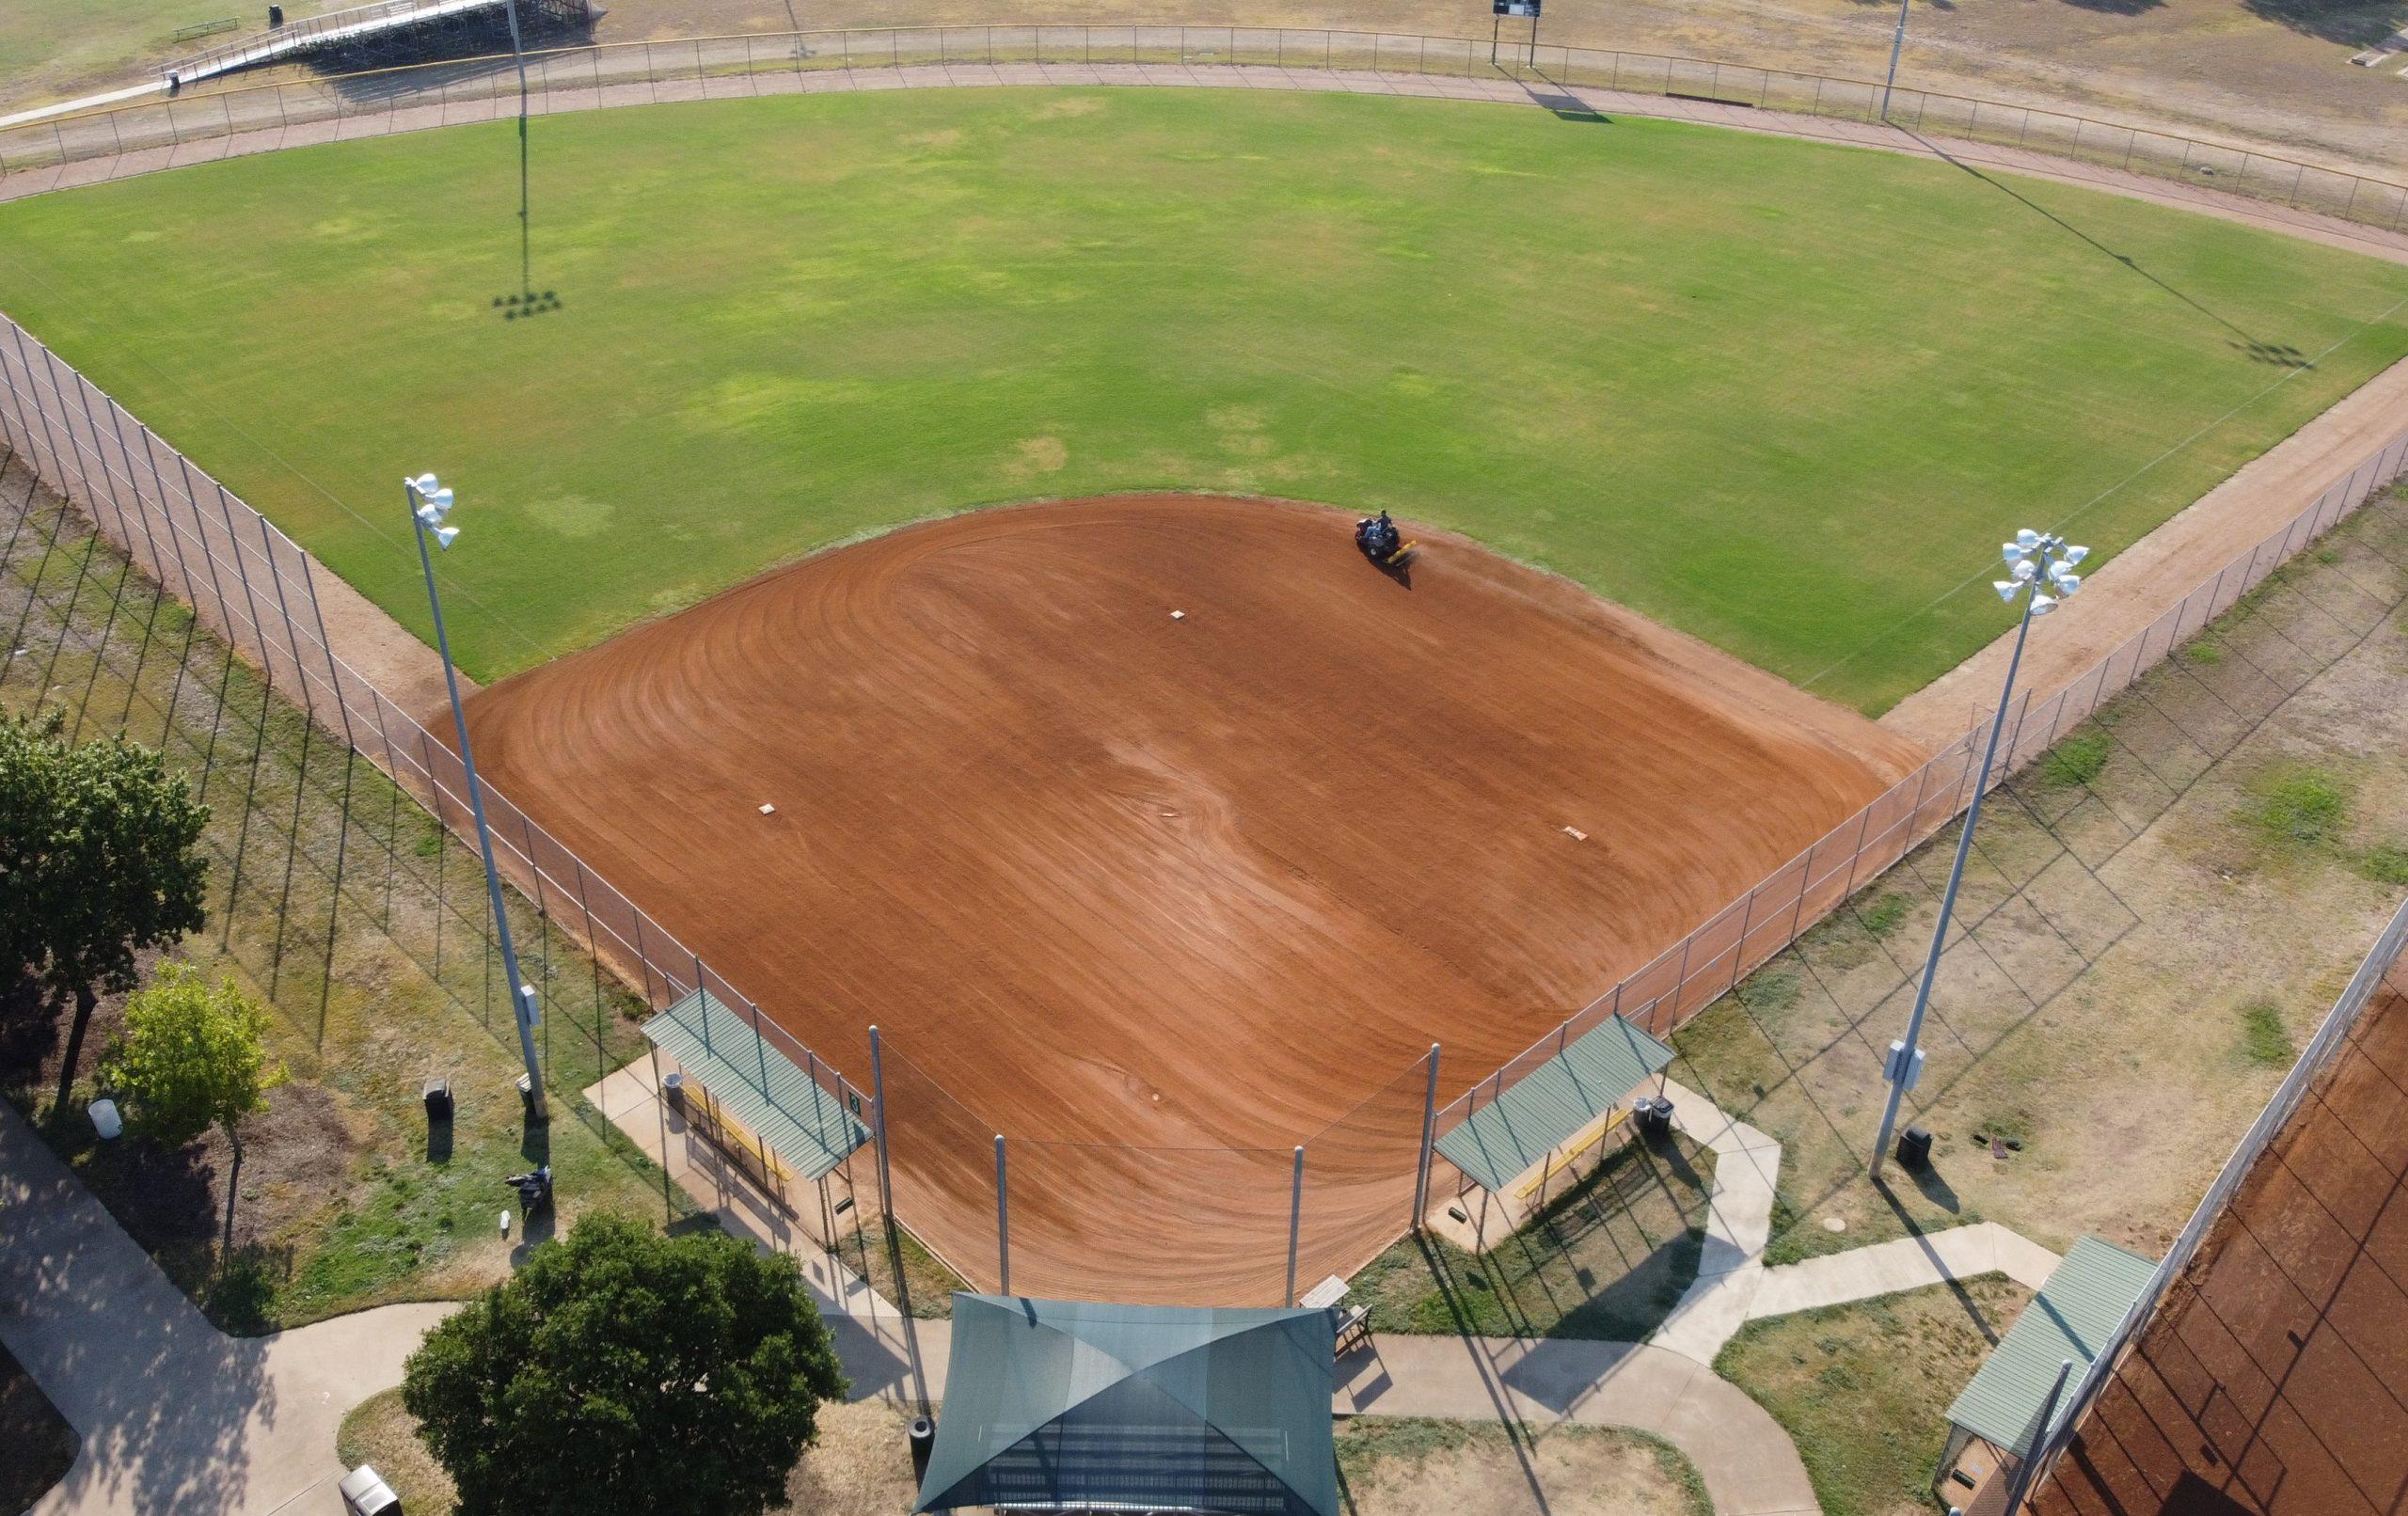 McMaster Softball Field #3